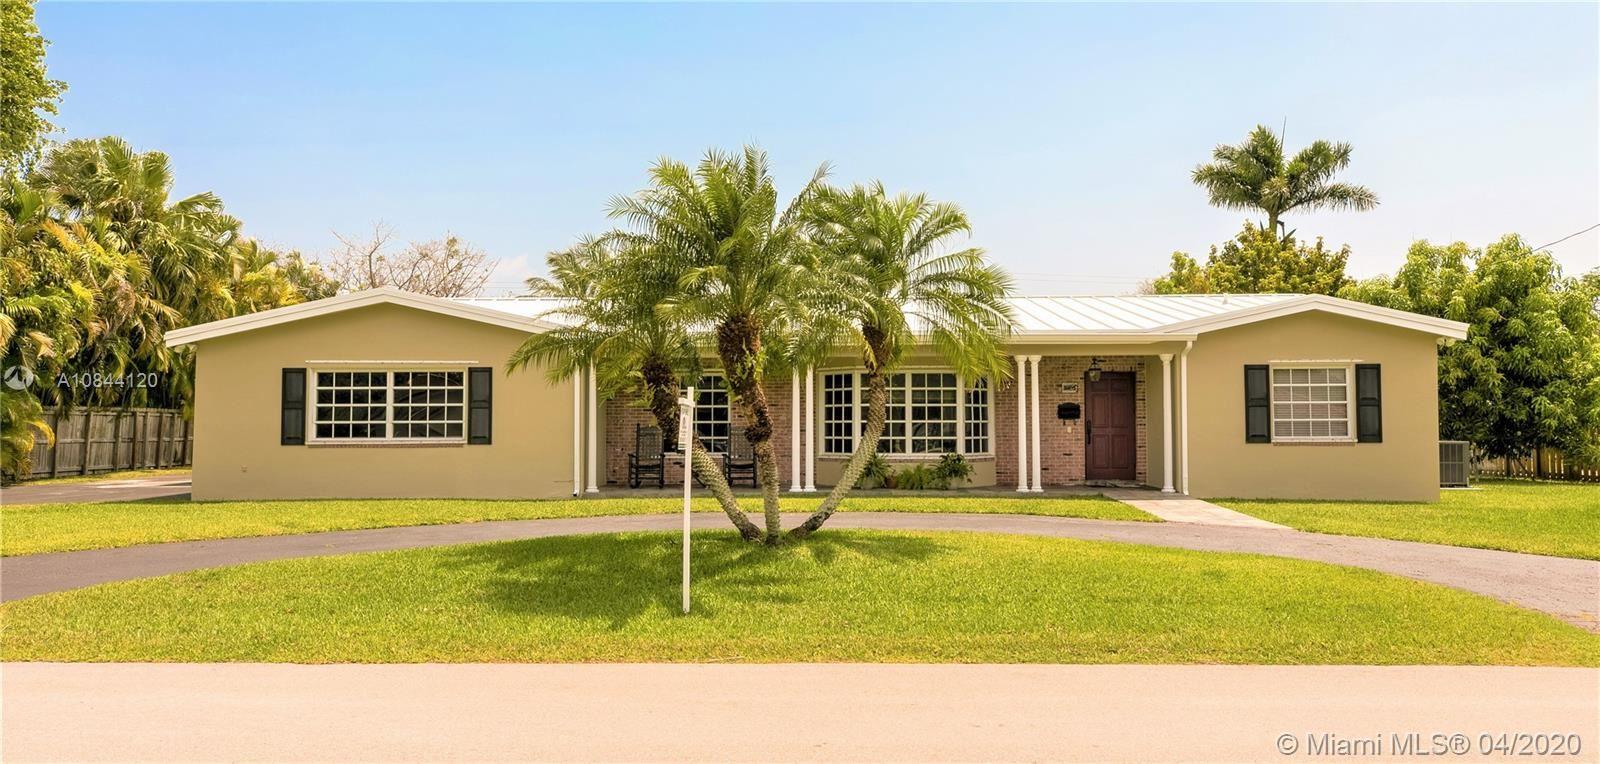 16851 SW 87th Ct, Palmetto Bay, FL 33157 - #: A10844120